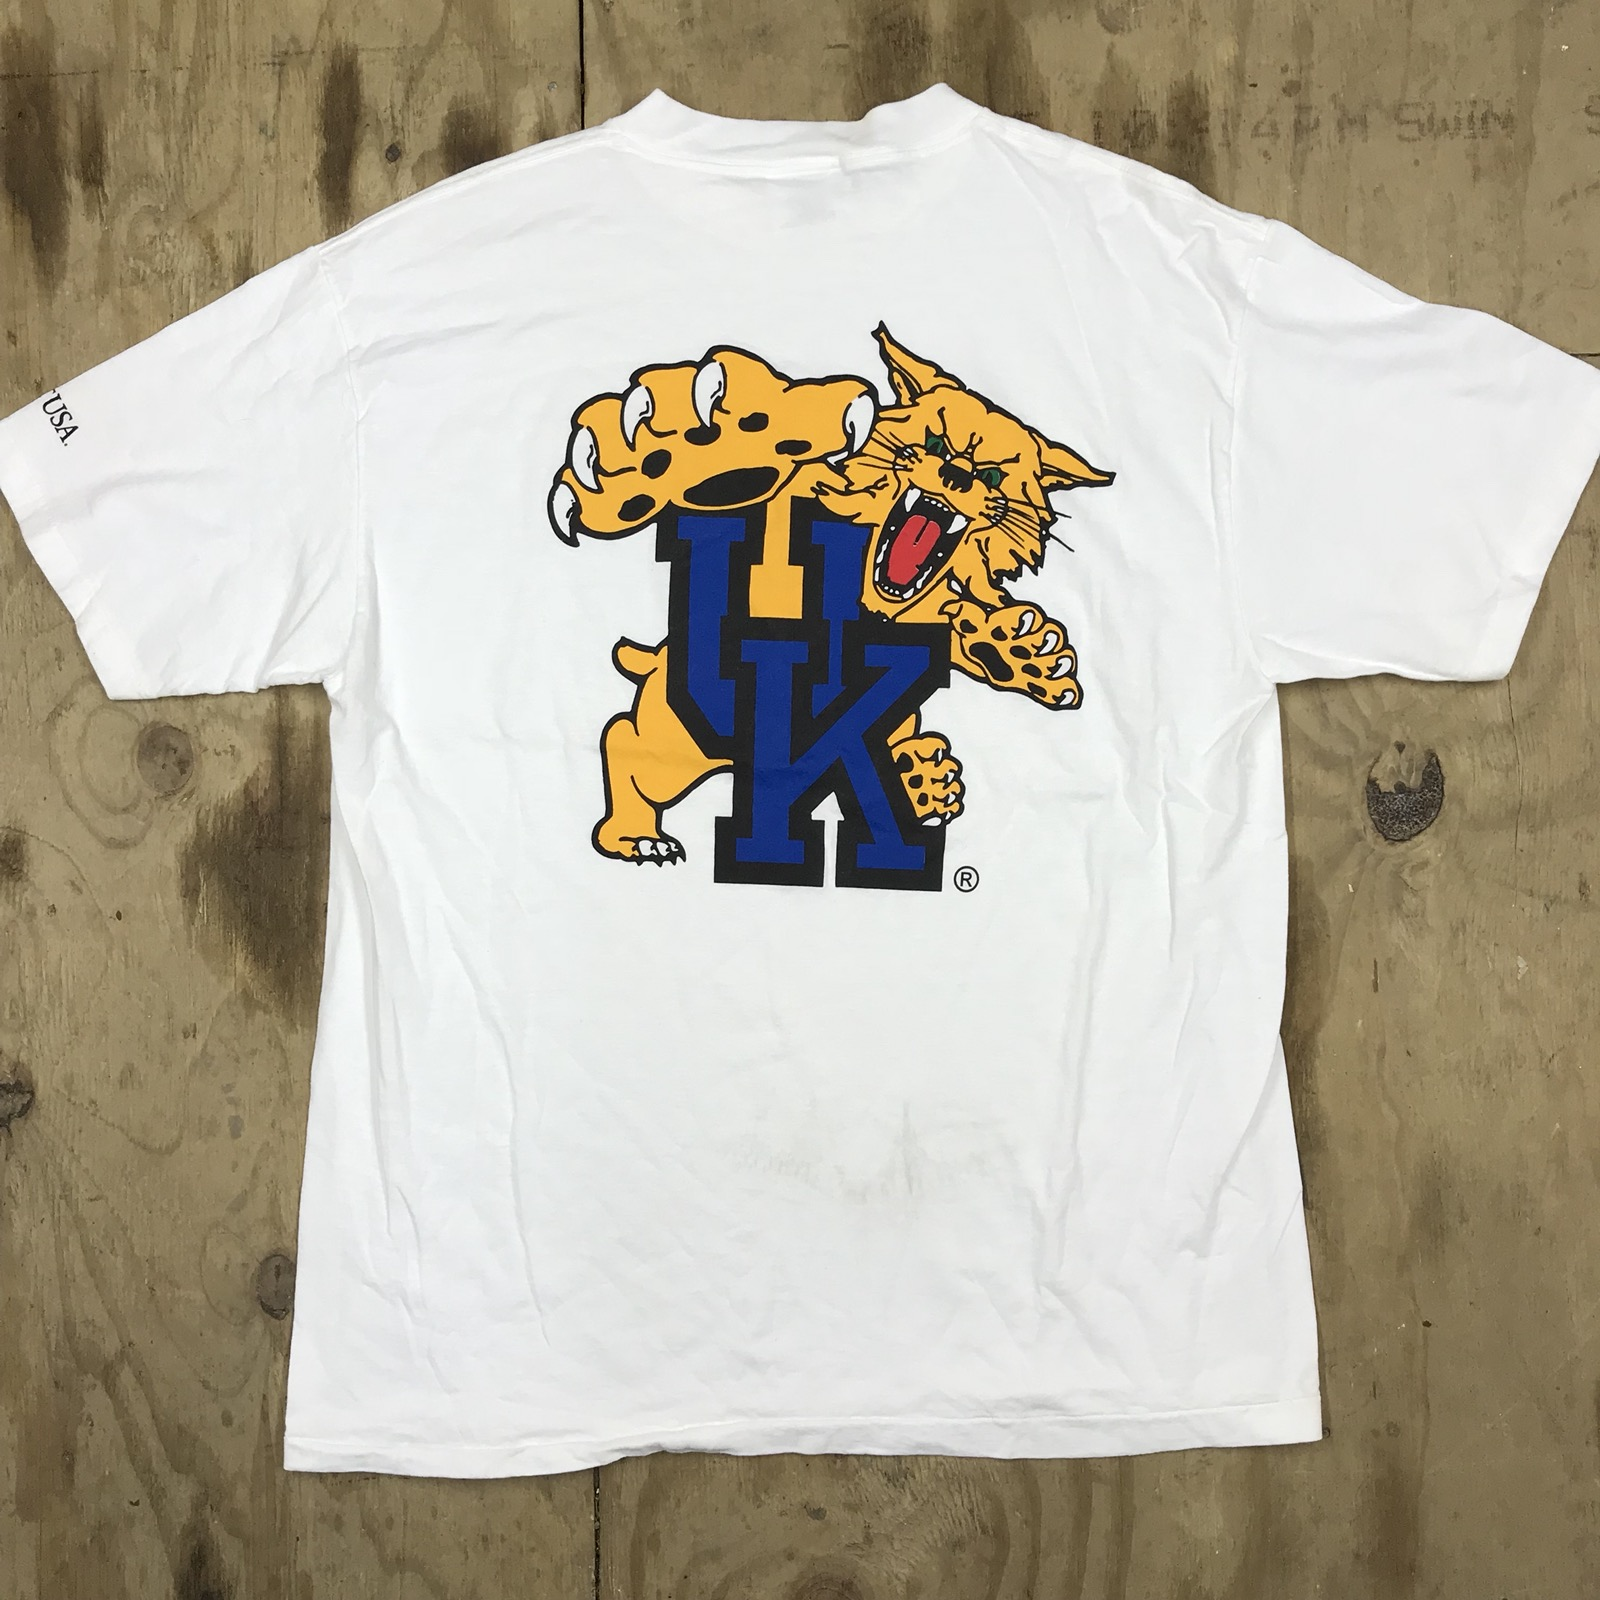 9298870ebace Vintage Basketball Shirts Uk